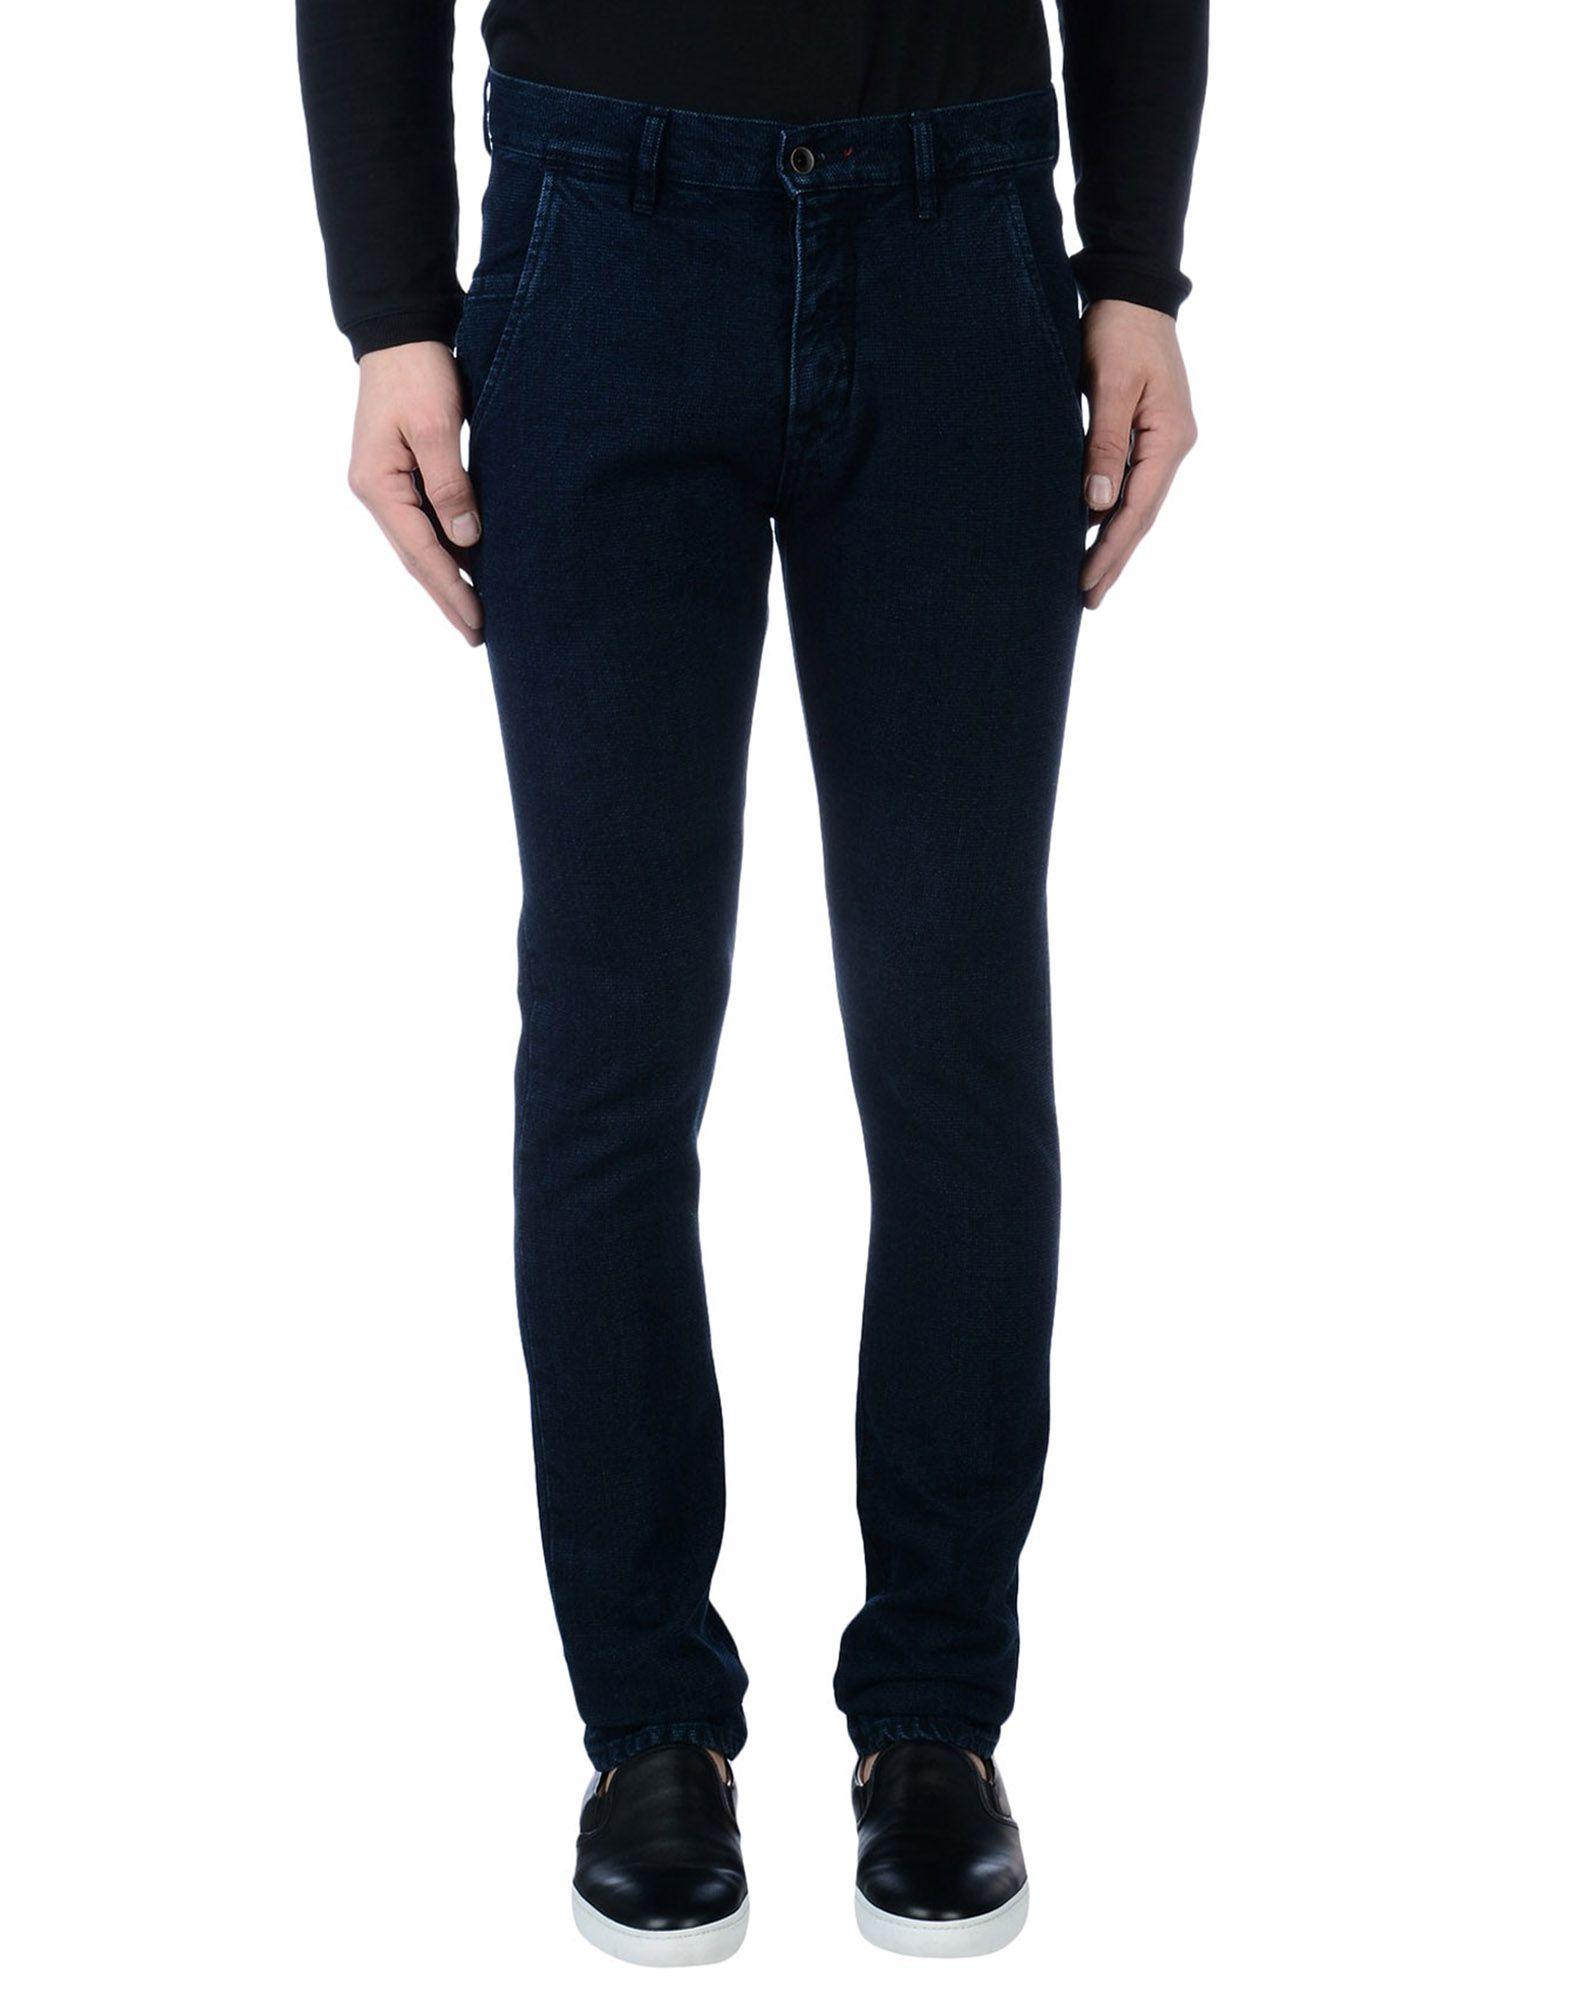 RALEIGH Denim Pants in Blue